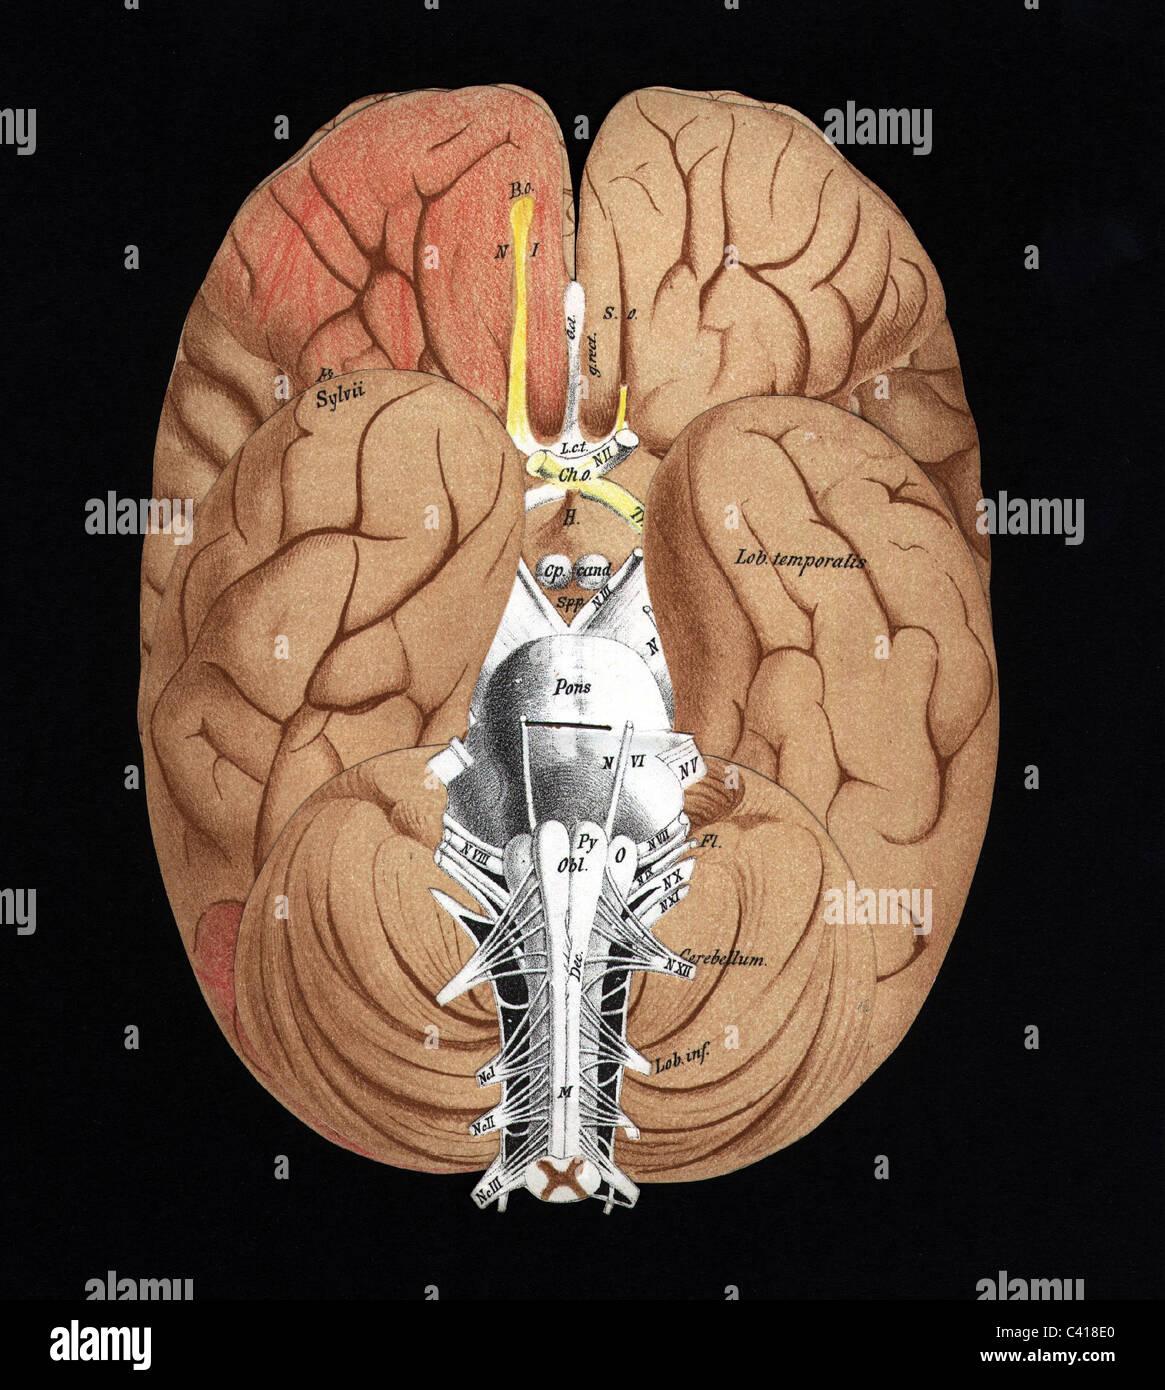 Brain Outs Imágenes De Stock & Brain Outs Fotos De Stock - Alamy